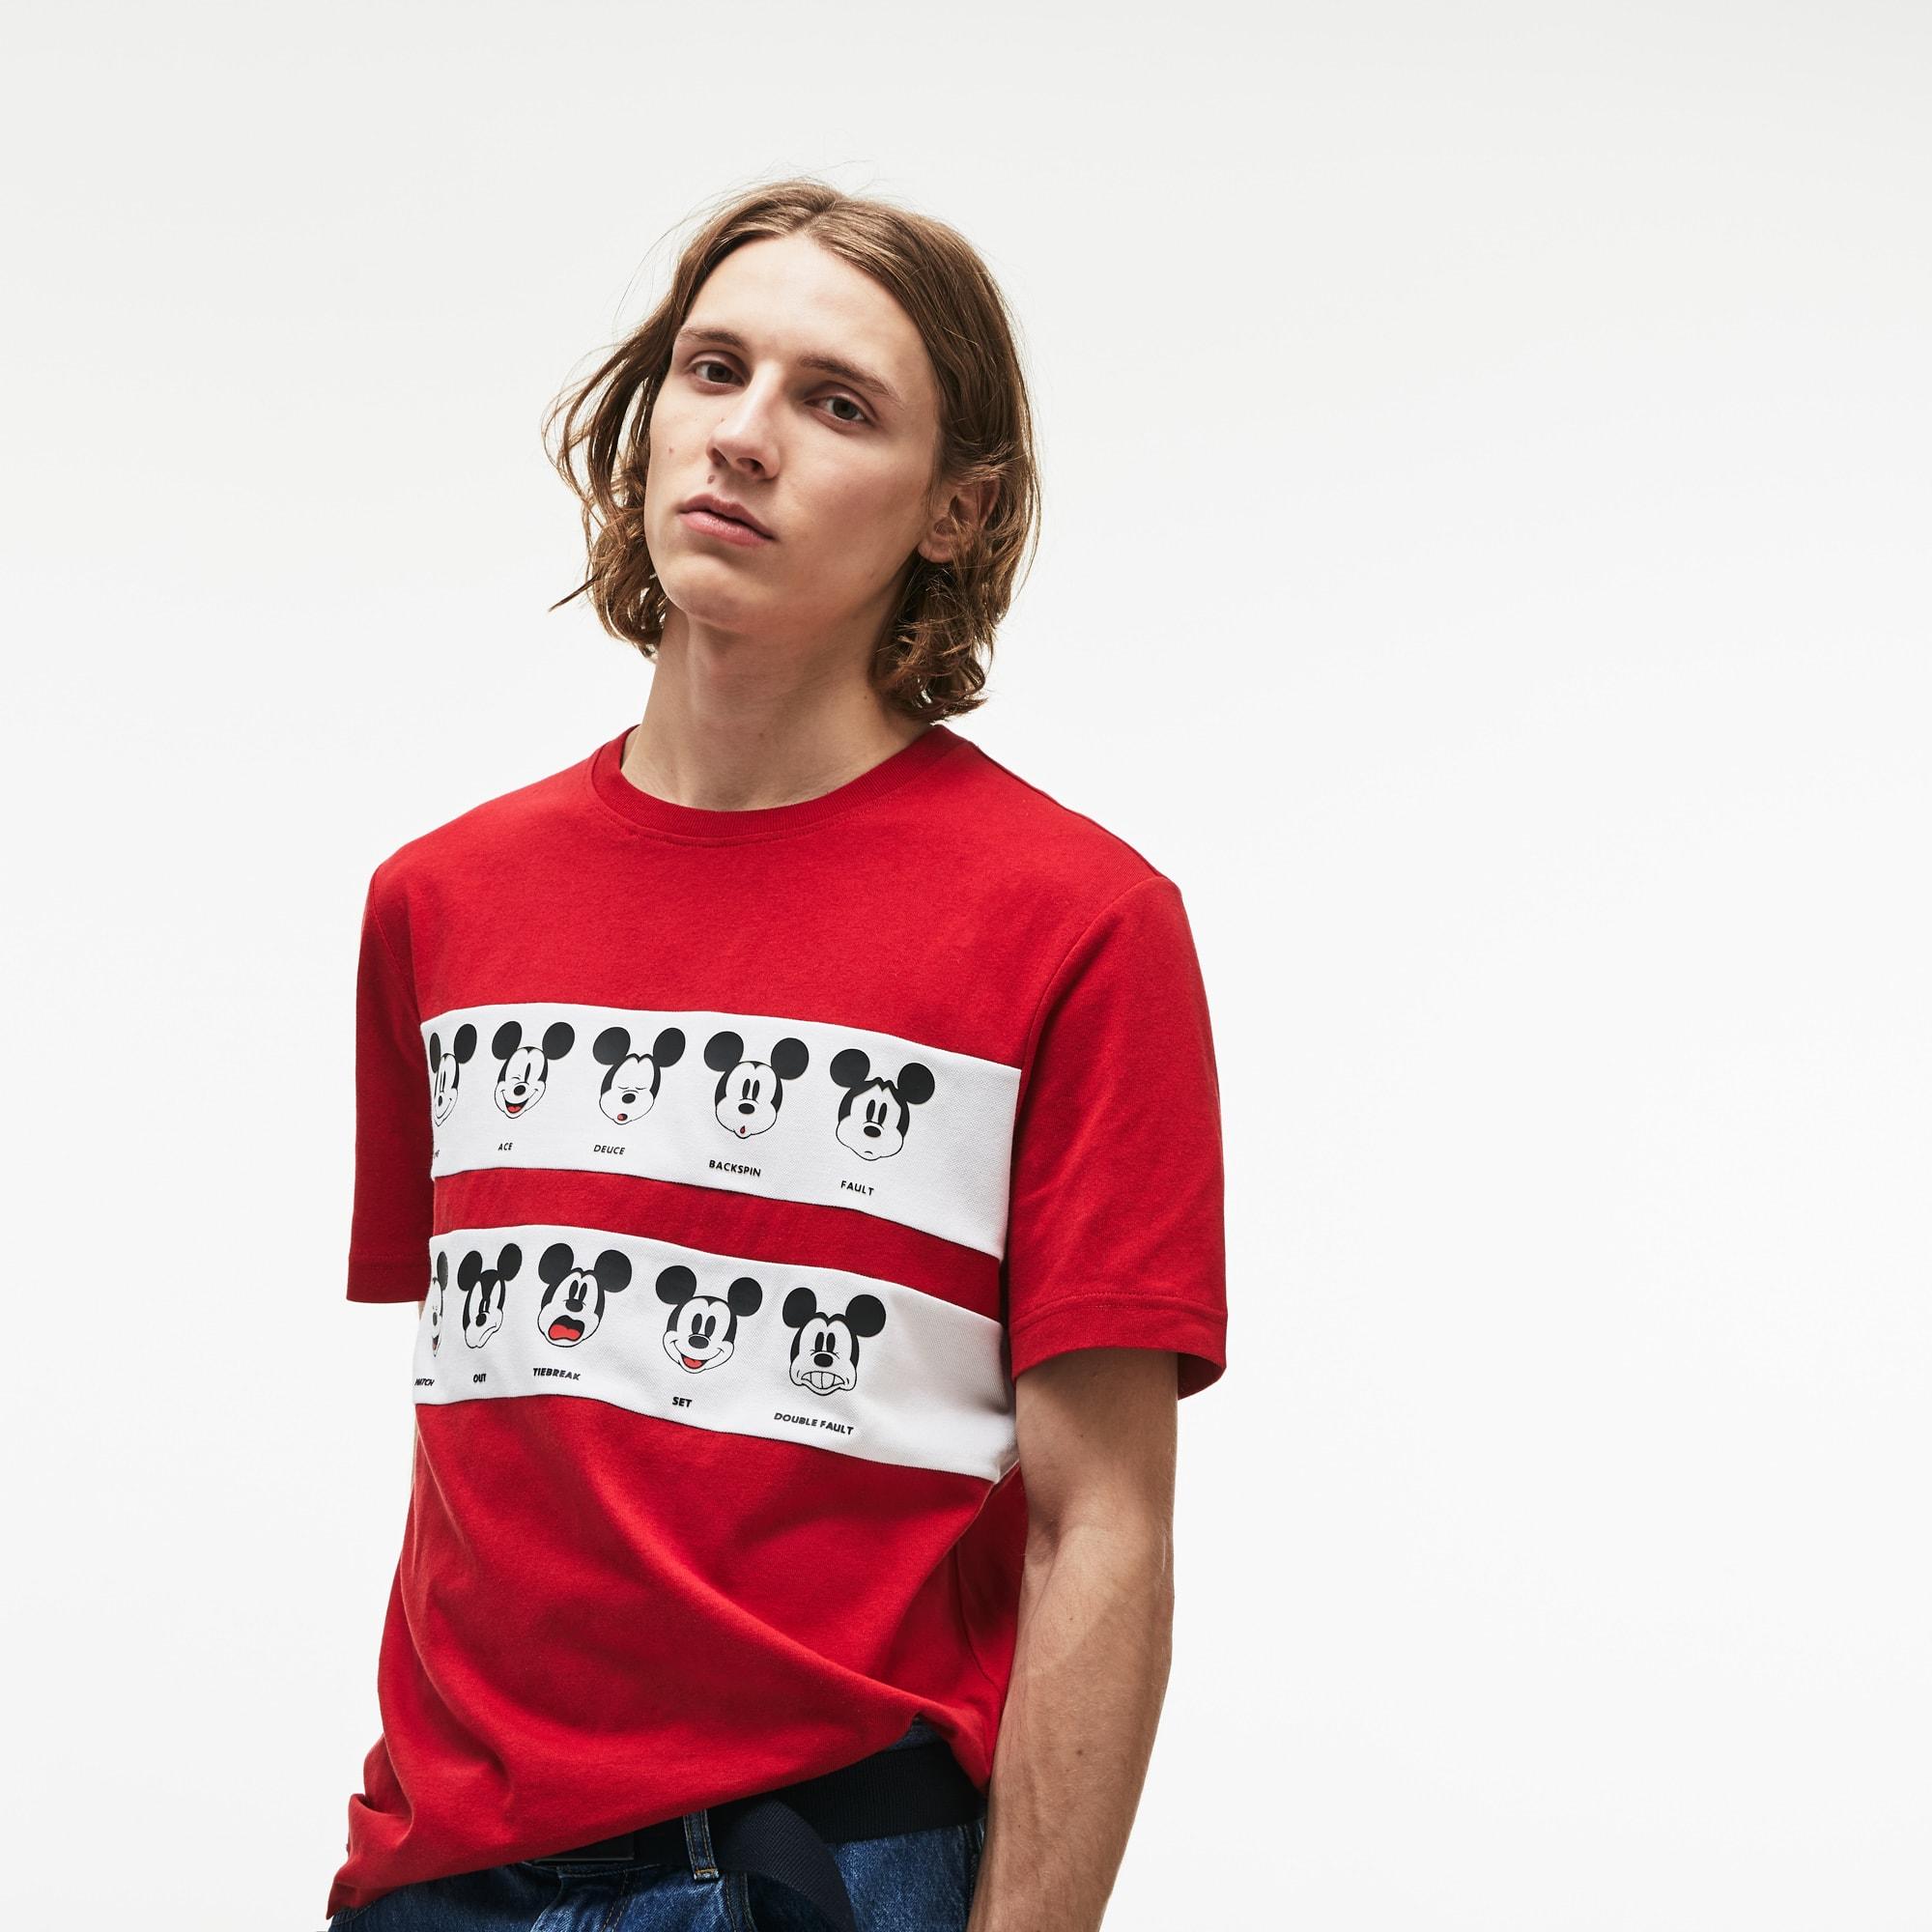 迪士尼米奇图案棉质平纹针织面料男士T恤